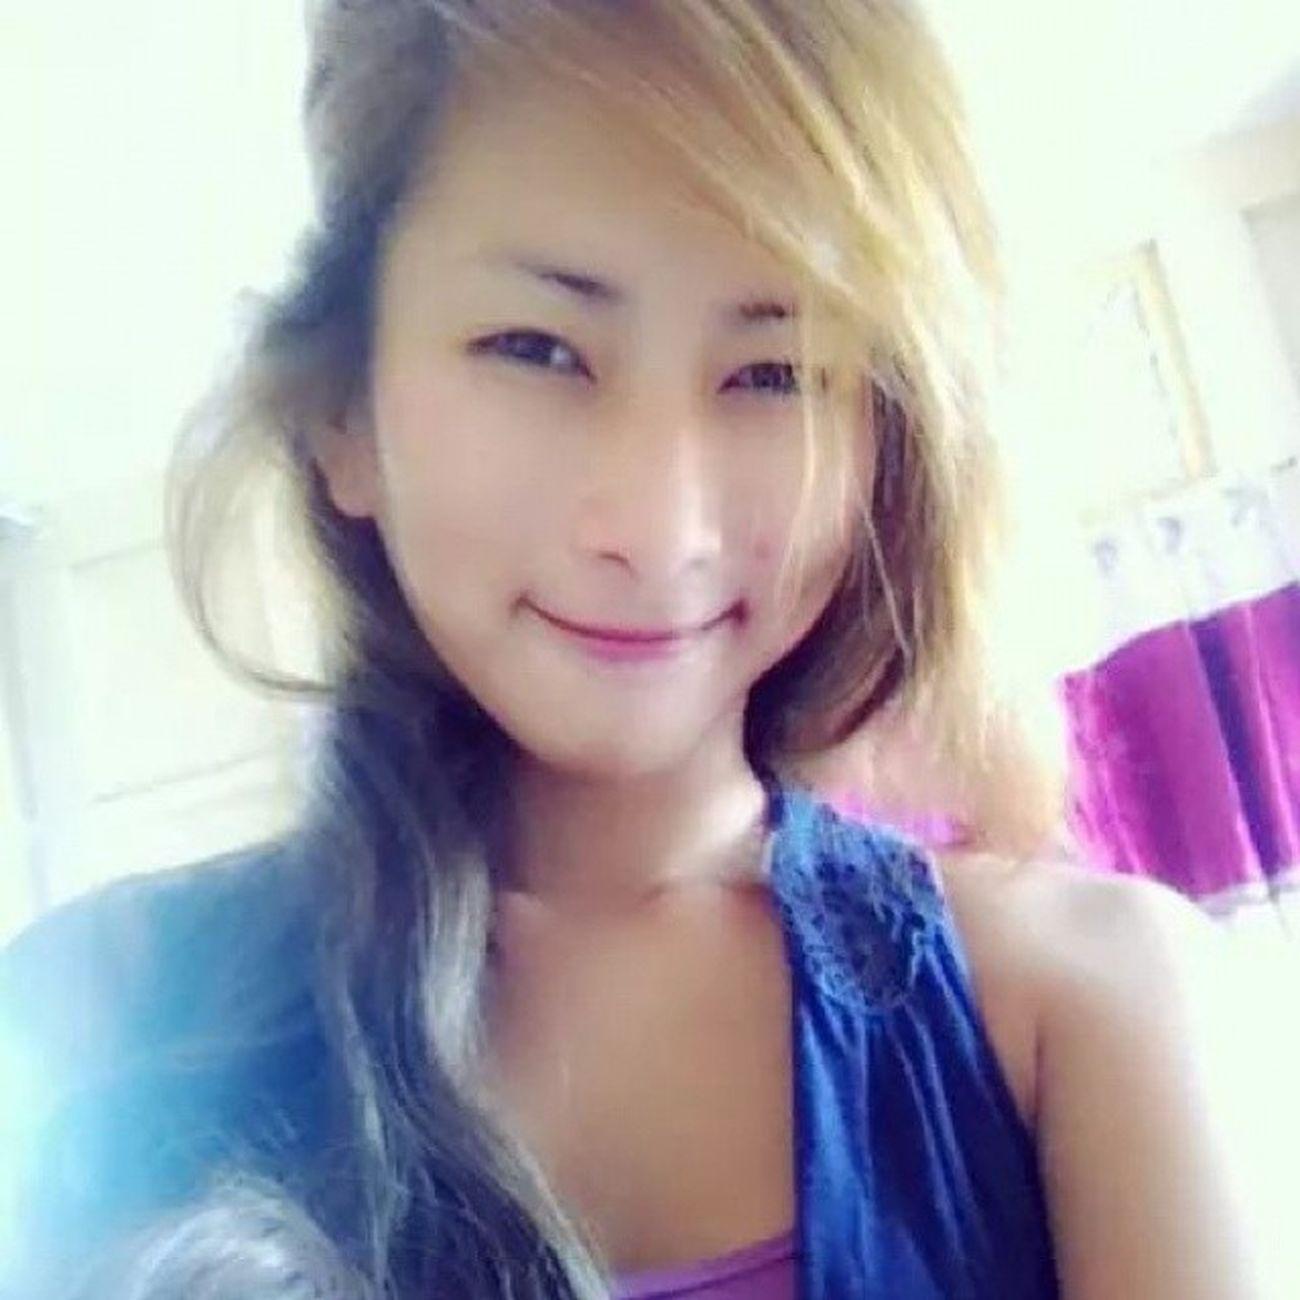 Mass okay pa yung maadic kana sa selfie kaysa maadic ka ng naman sa lalake Flirt Noway Badyan